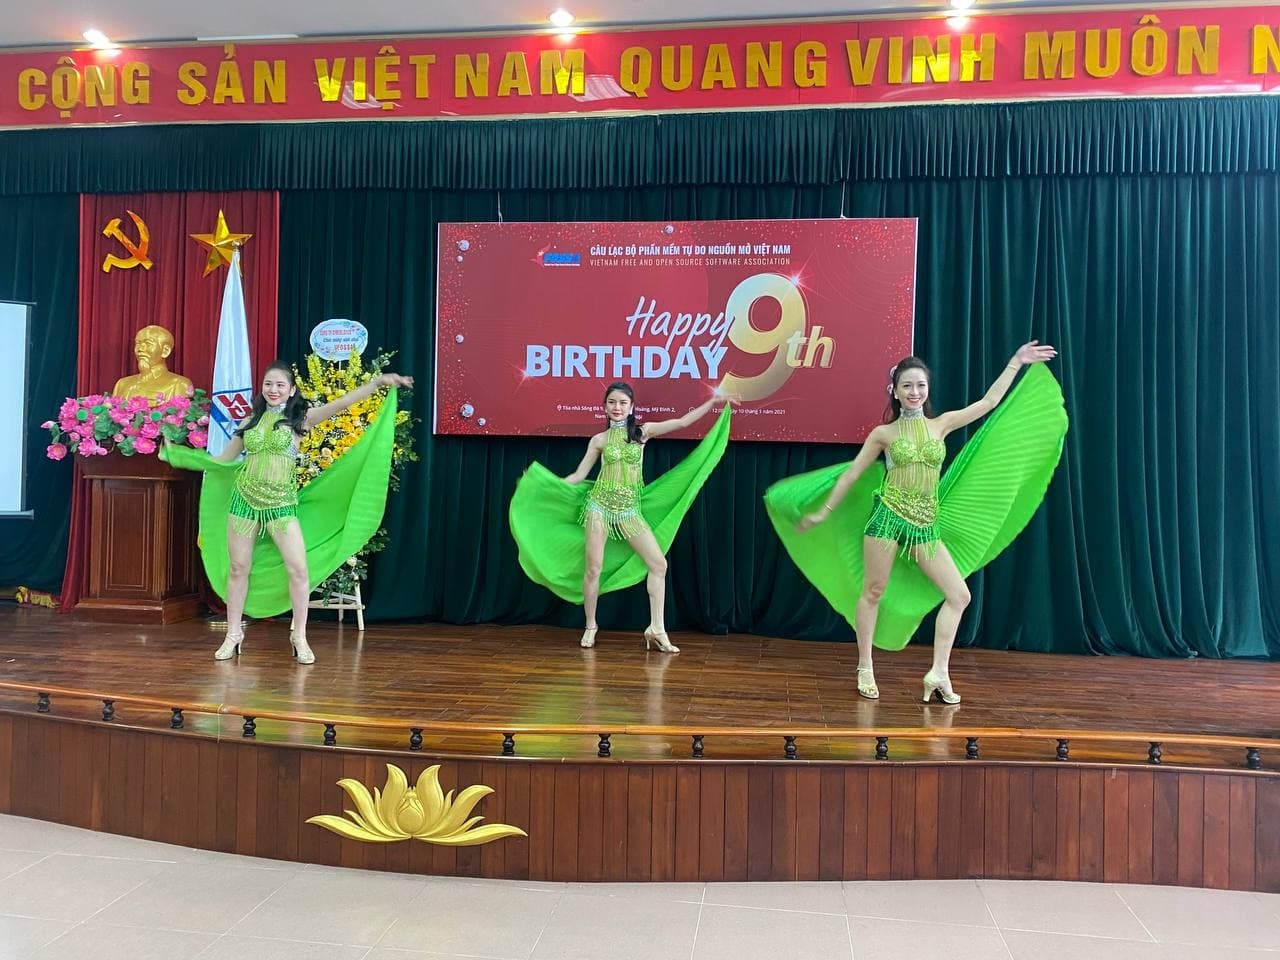 Tiết mục múa chào mừng sinh nhật VFOSSA